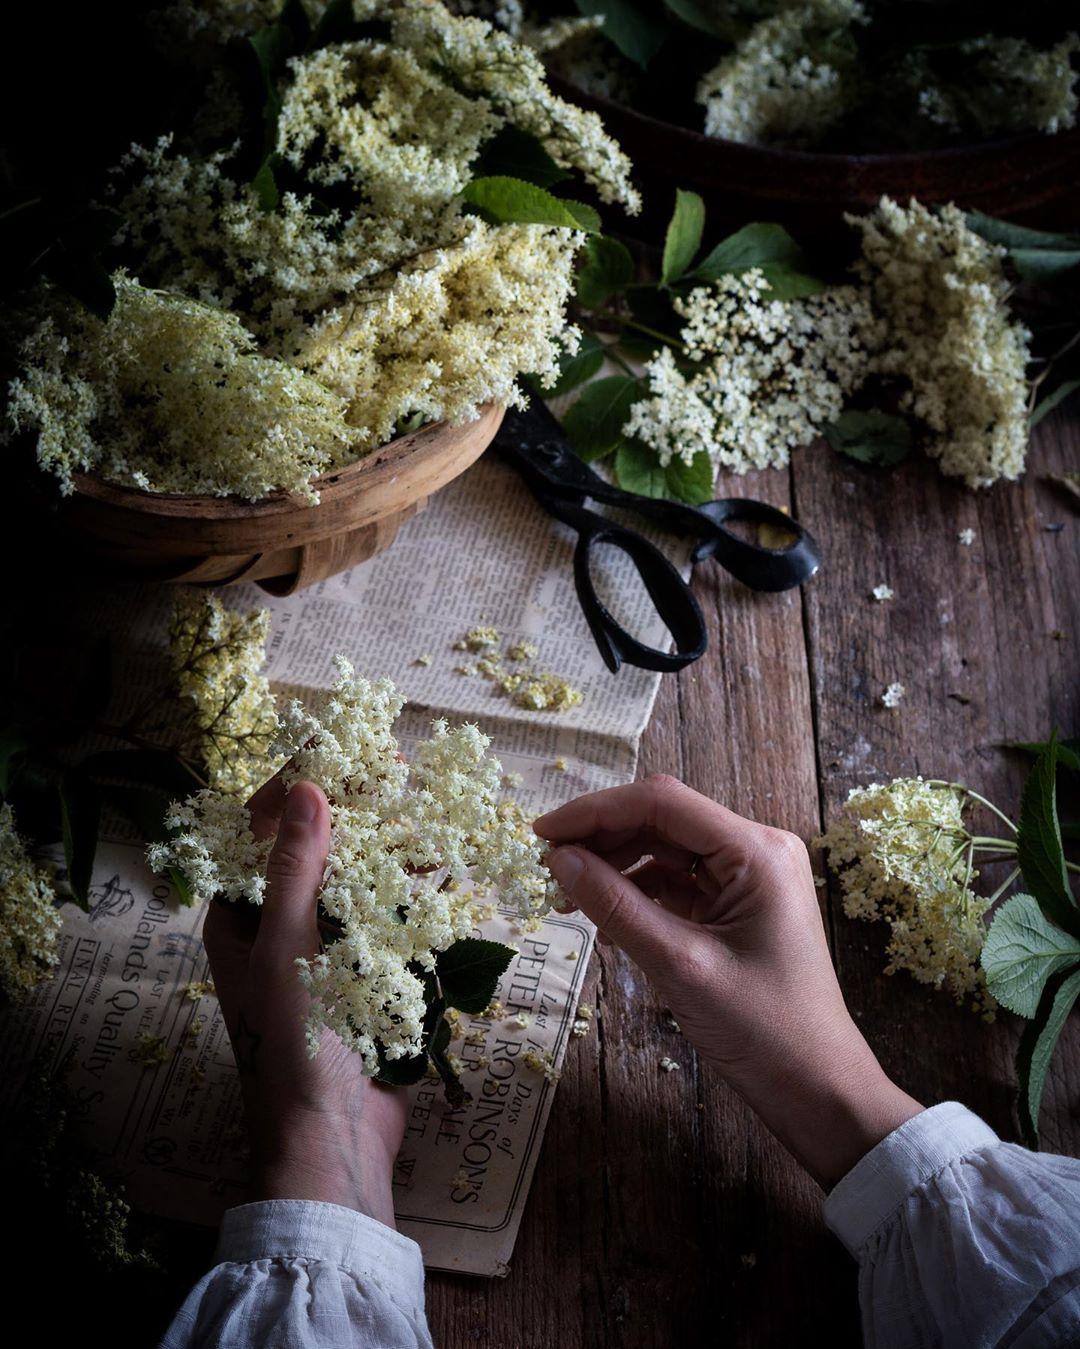 Aimee preparing beautiful elderflowers to make gin and cordial . Source:  @twiggstudios